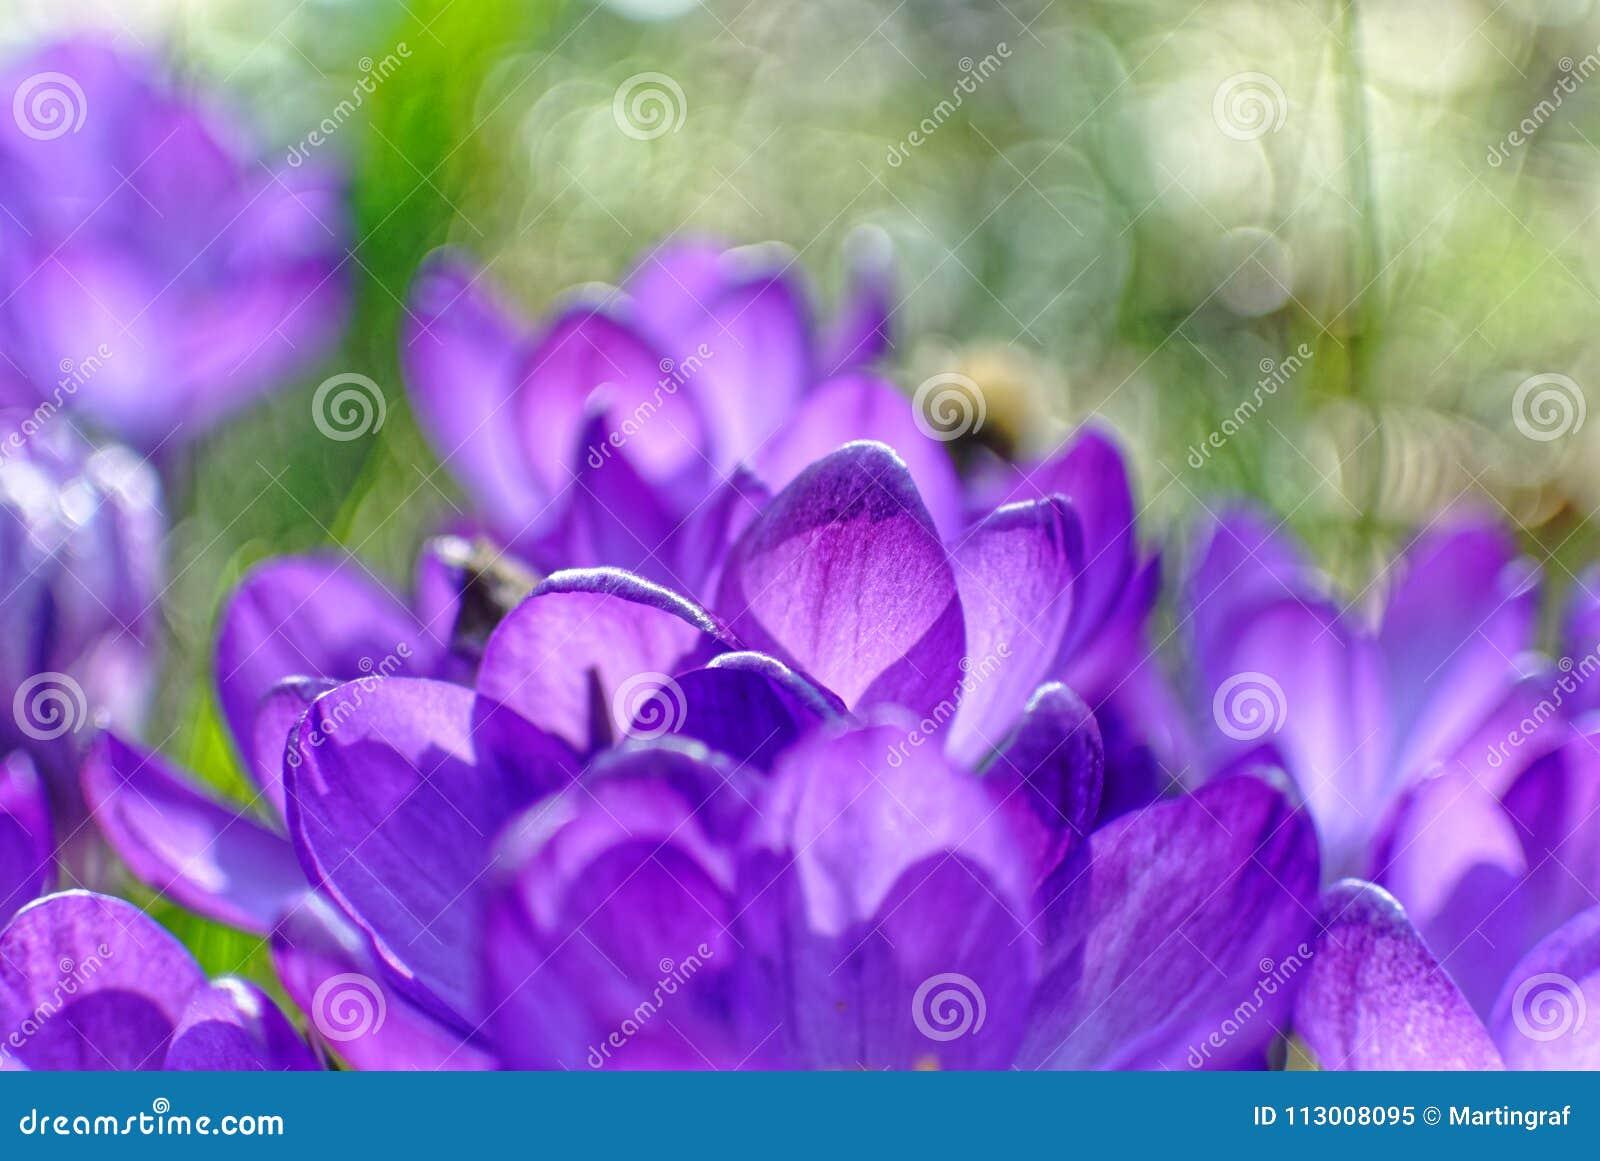 Fioritura viola del croco dei petali in giardino